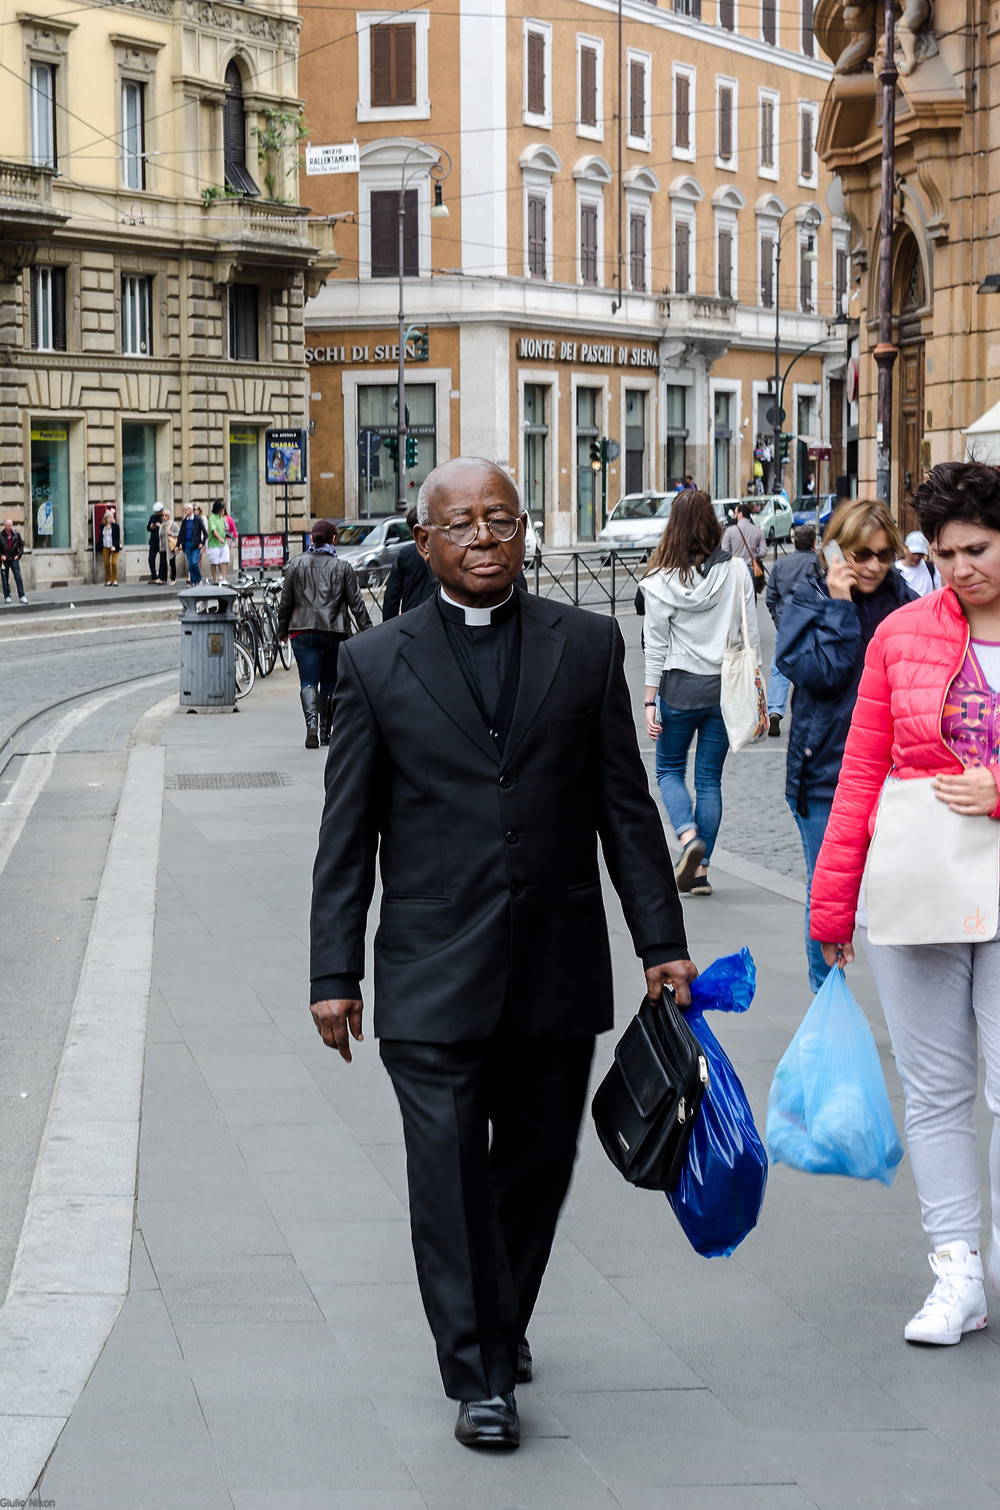 Flickr - Ritratto di prete